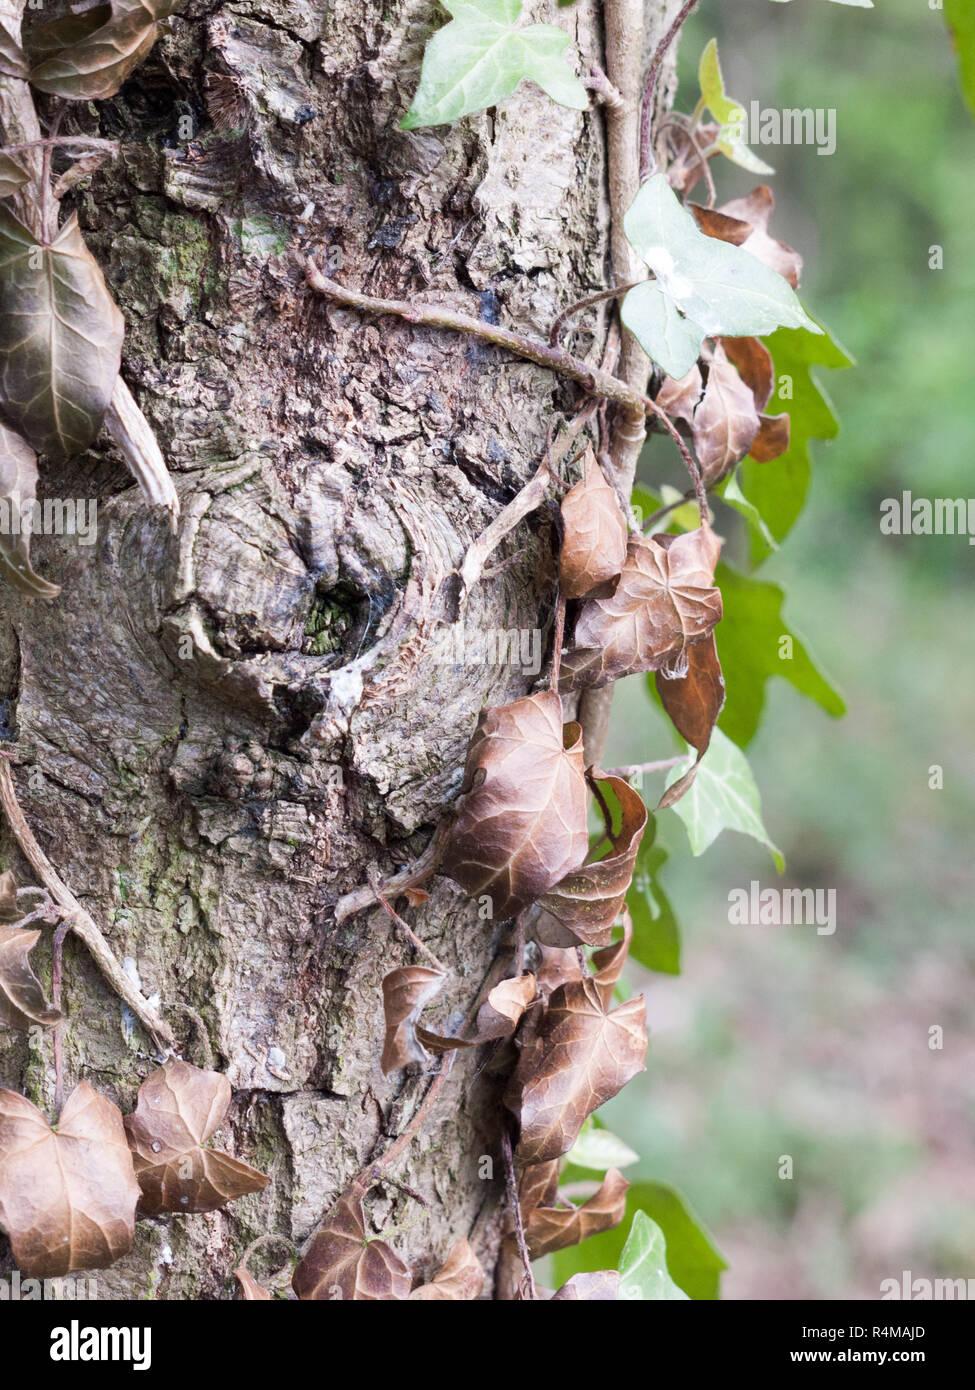 Un tas de feuilles mortes Vu du côté de l'écorce d'un tronc d'arbre dans la forêt Banque D'Images